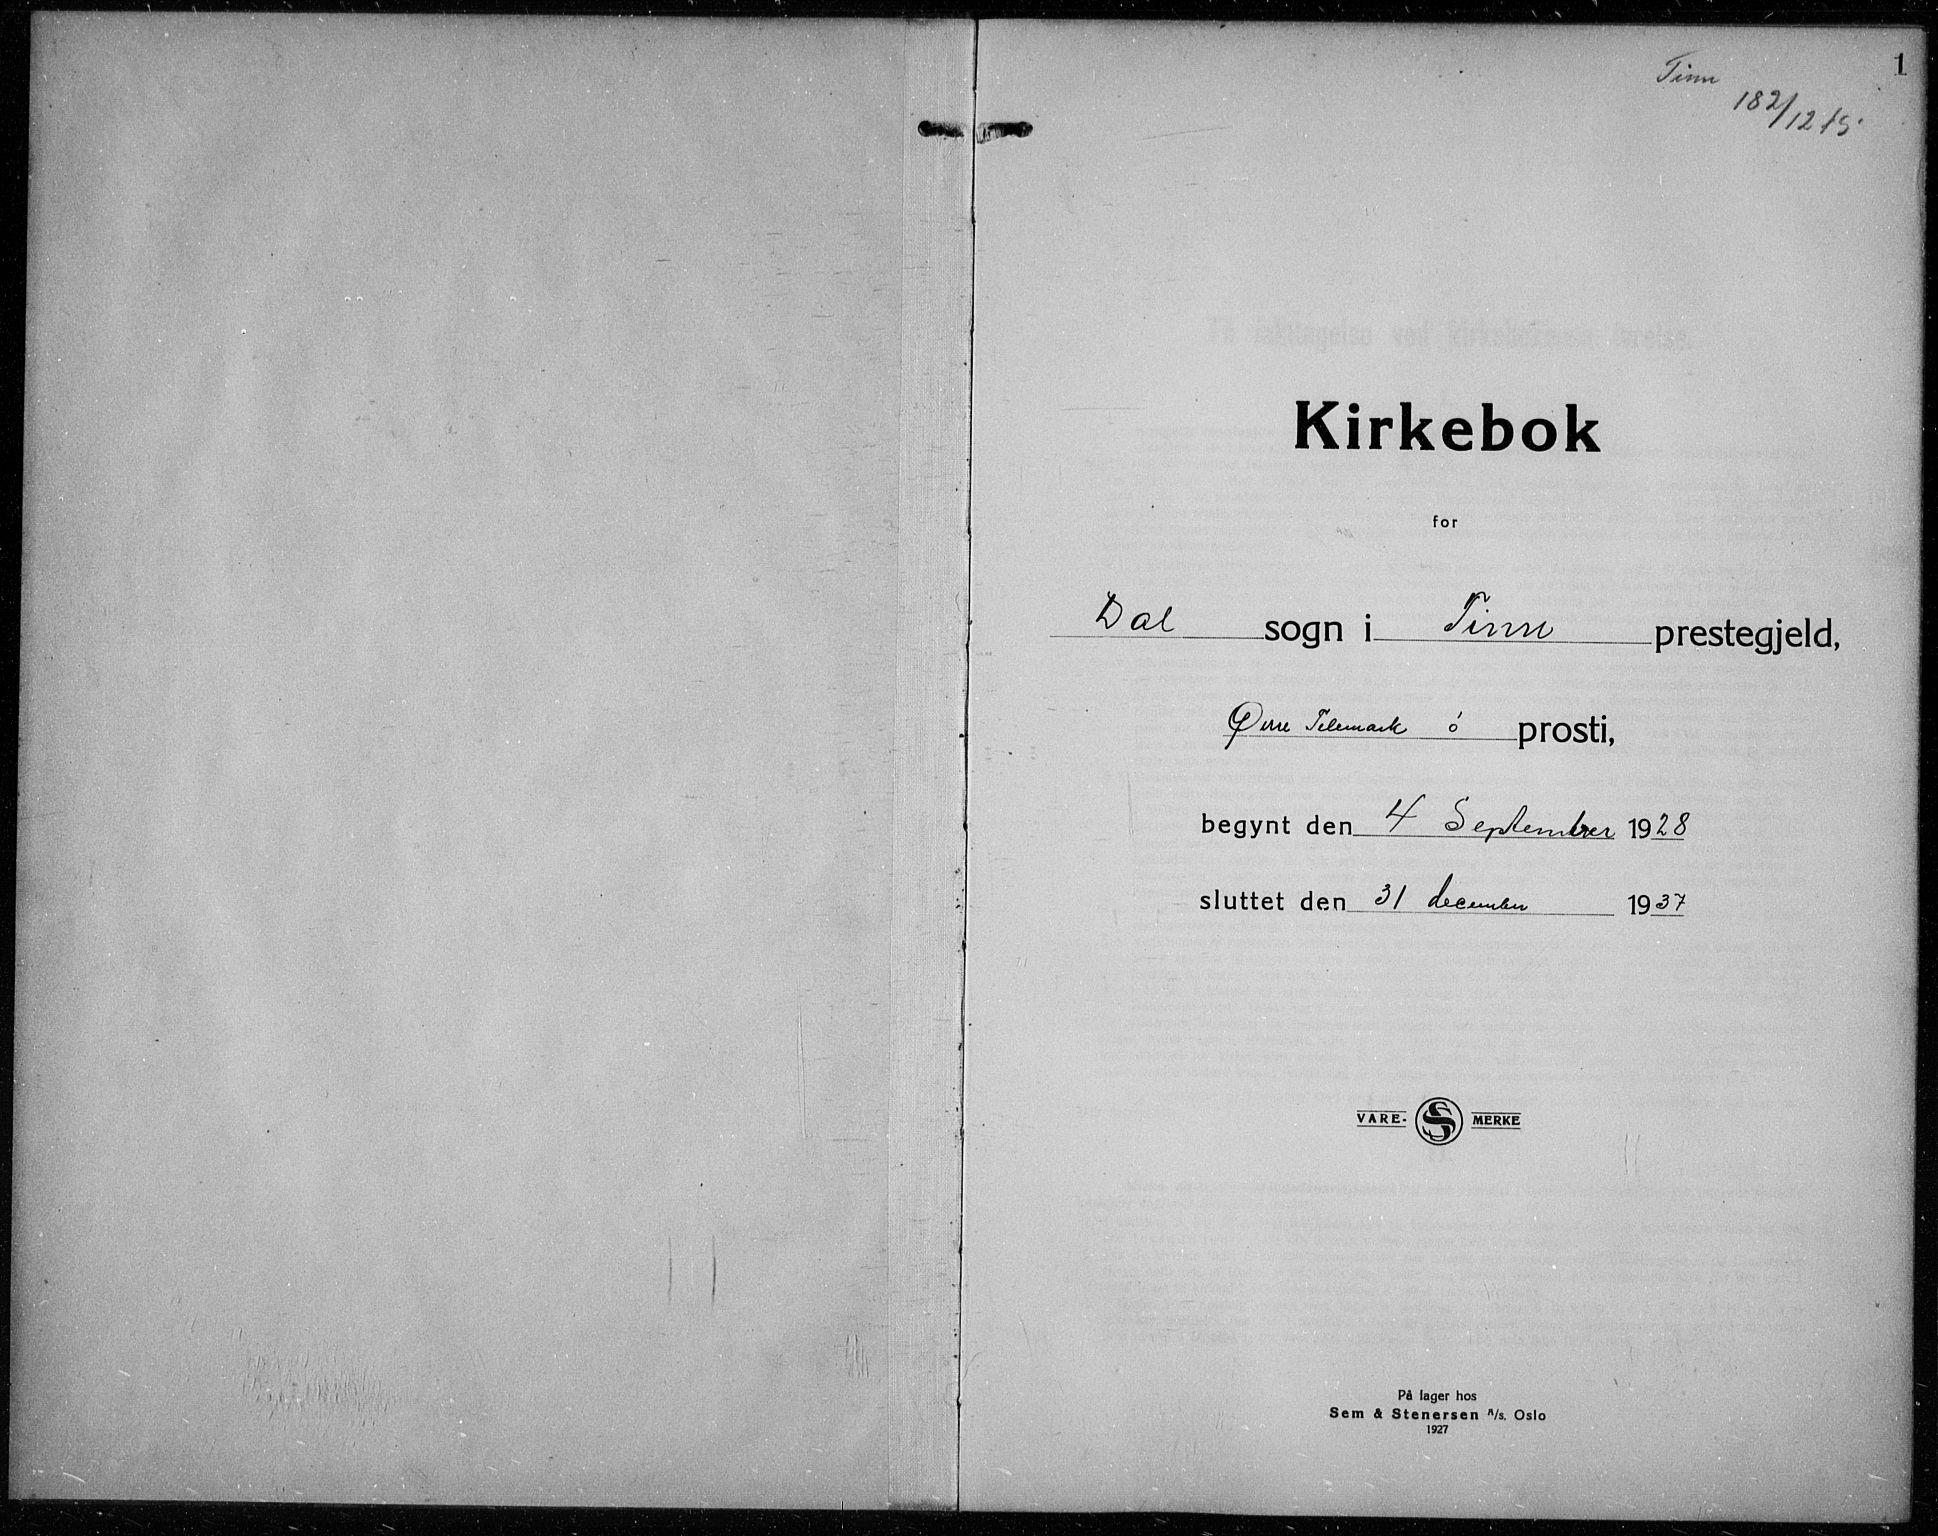 SAKO, Rjukan kirkebøker, G/Ga/L0005: Klokkerbok nr. 5, 1928-1937, s. 1